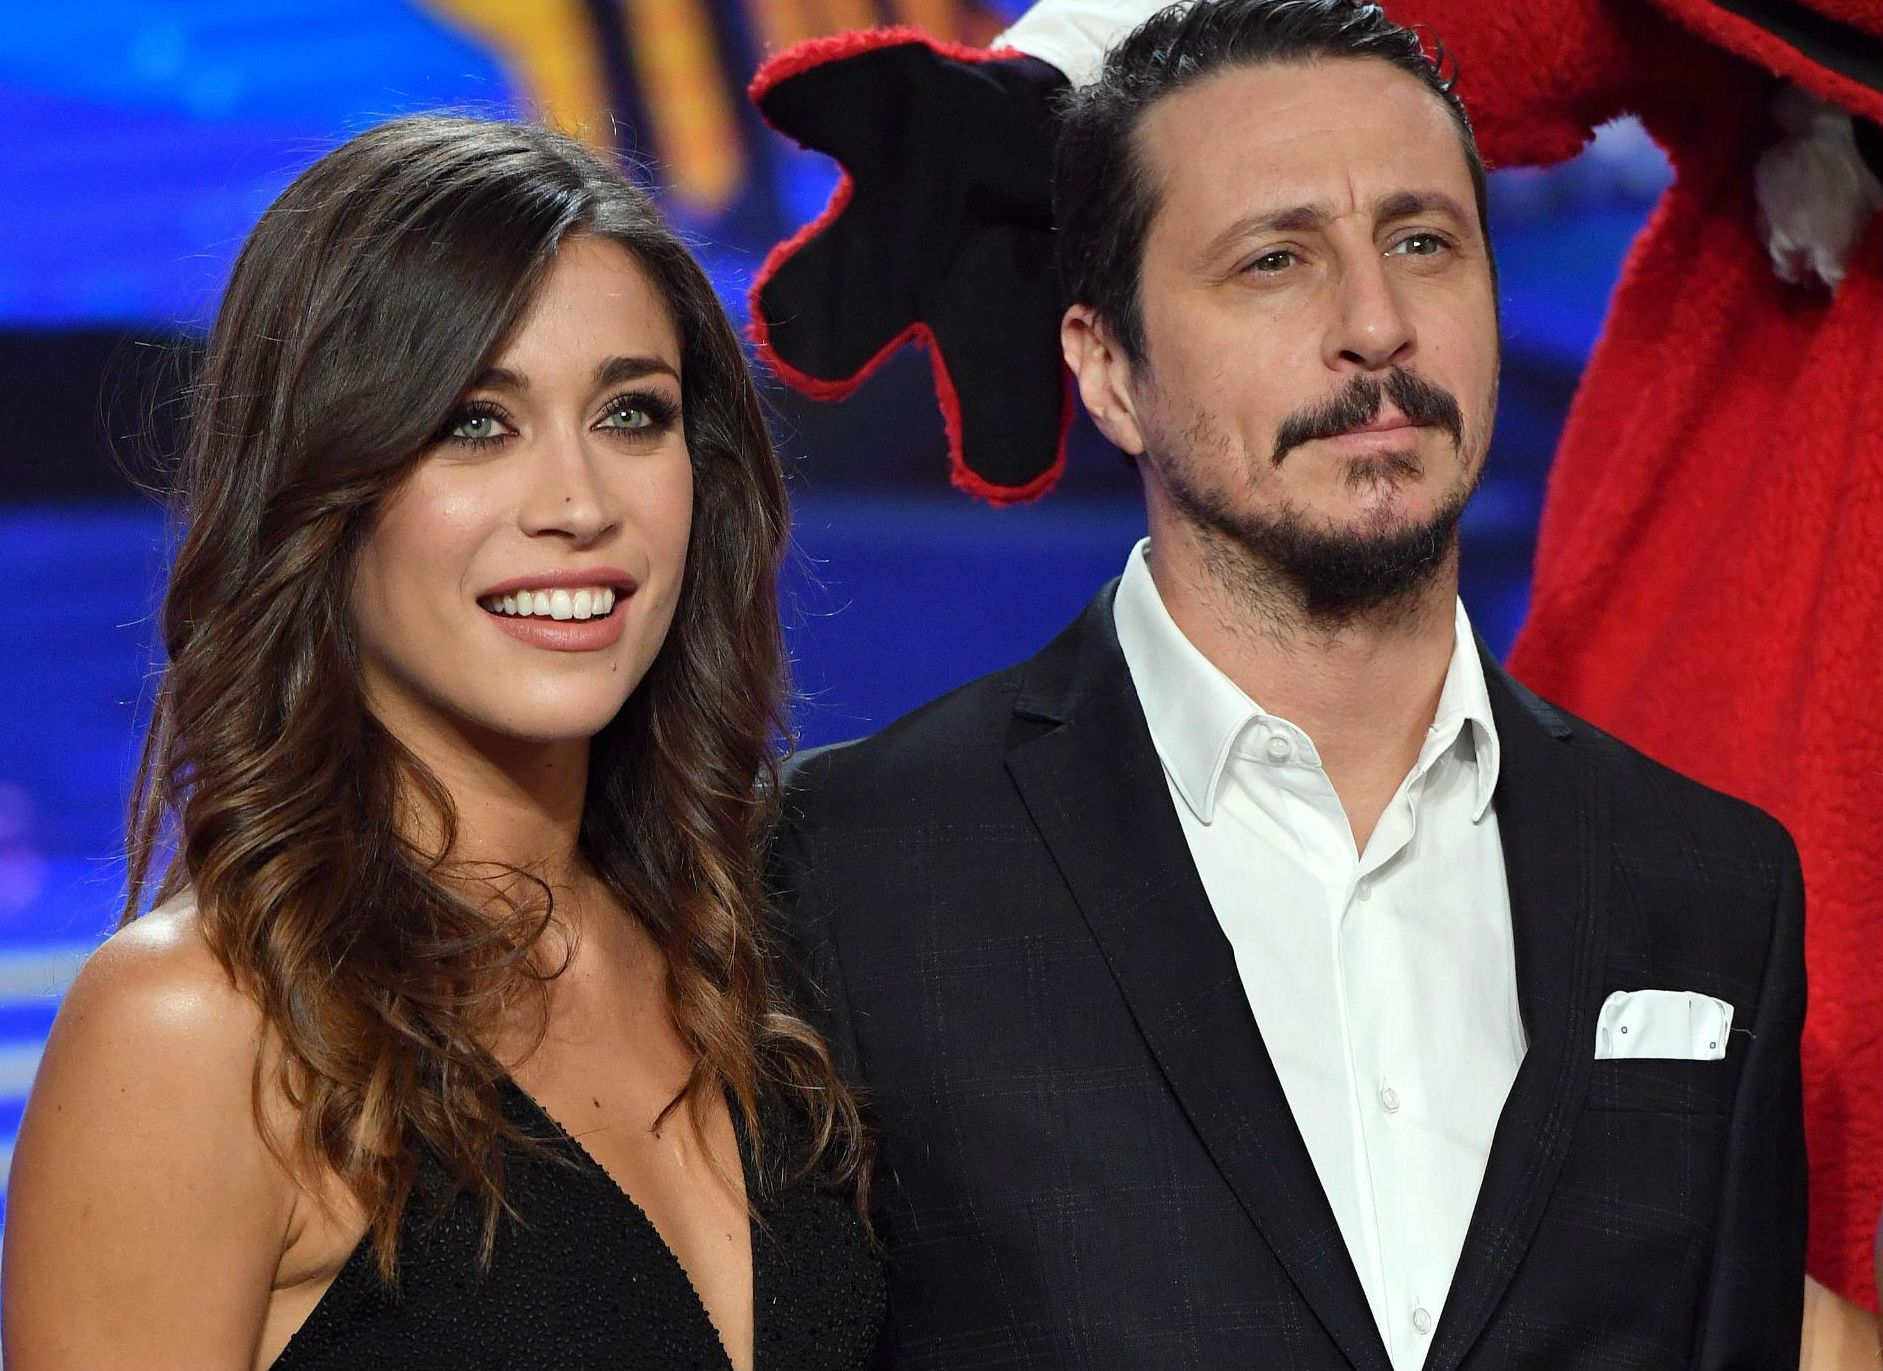 Luca Bizzarri e Ludovica Frasca si sono lasciati: lei festeggia il compleanno da sola